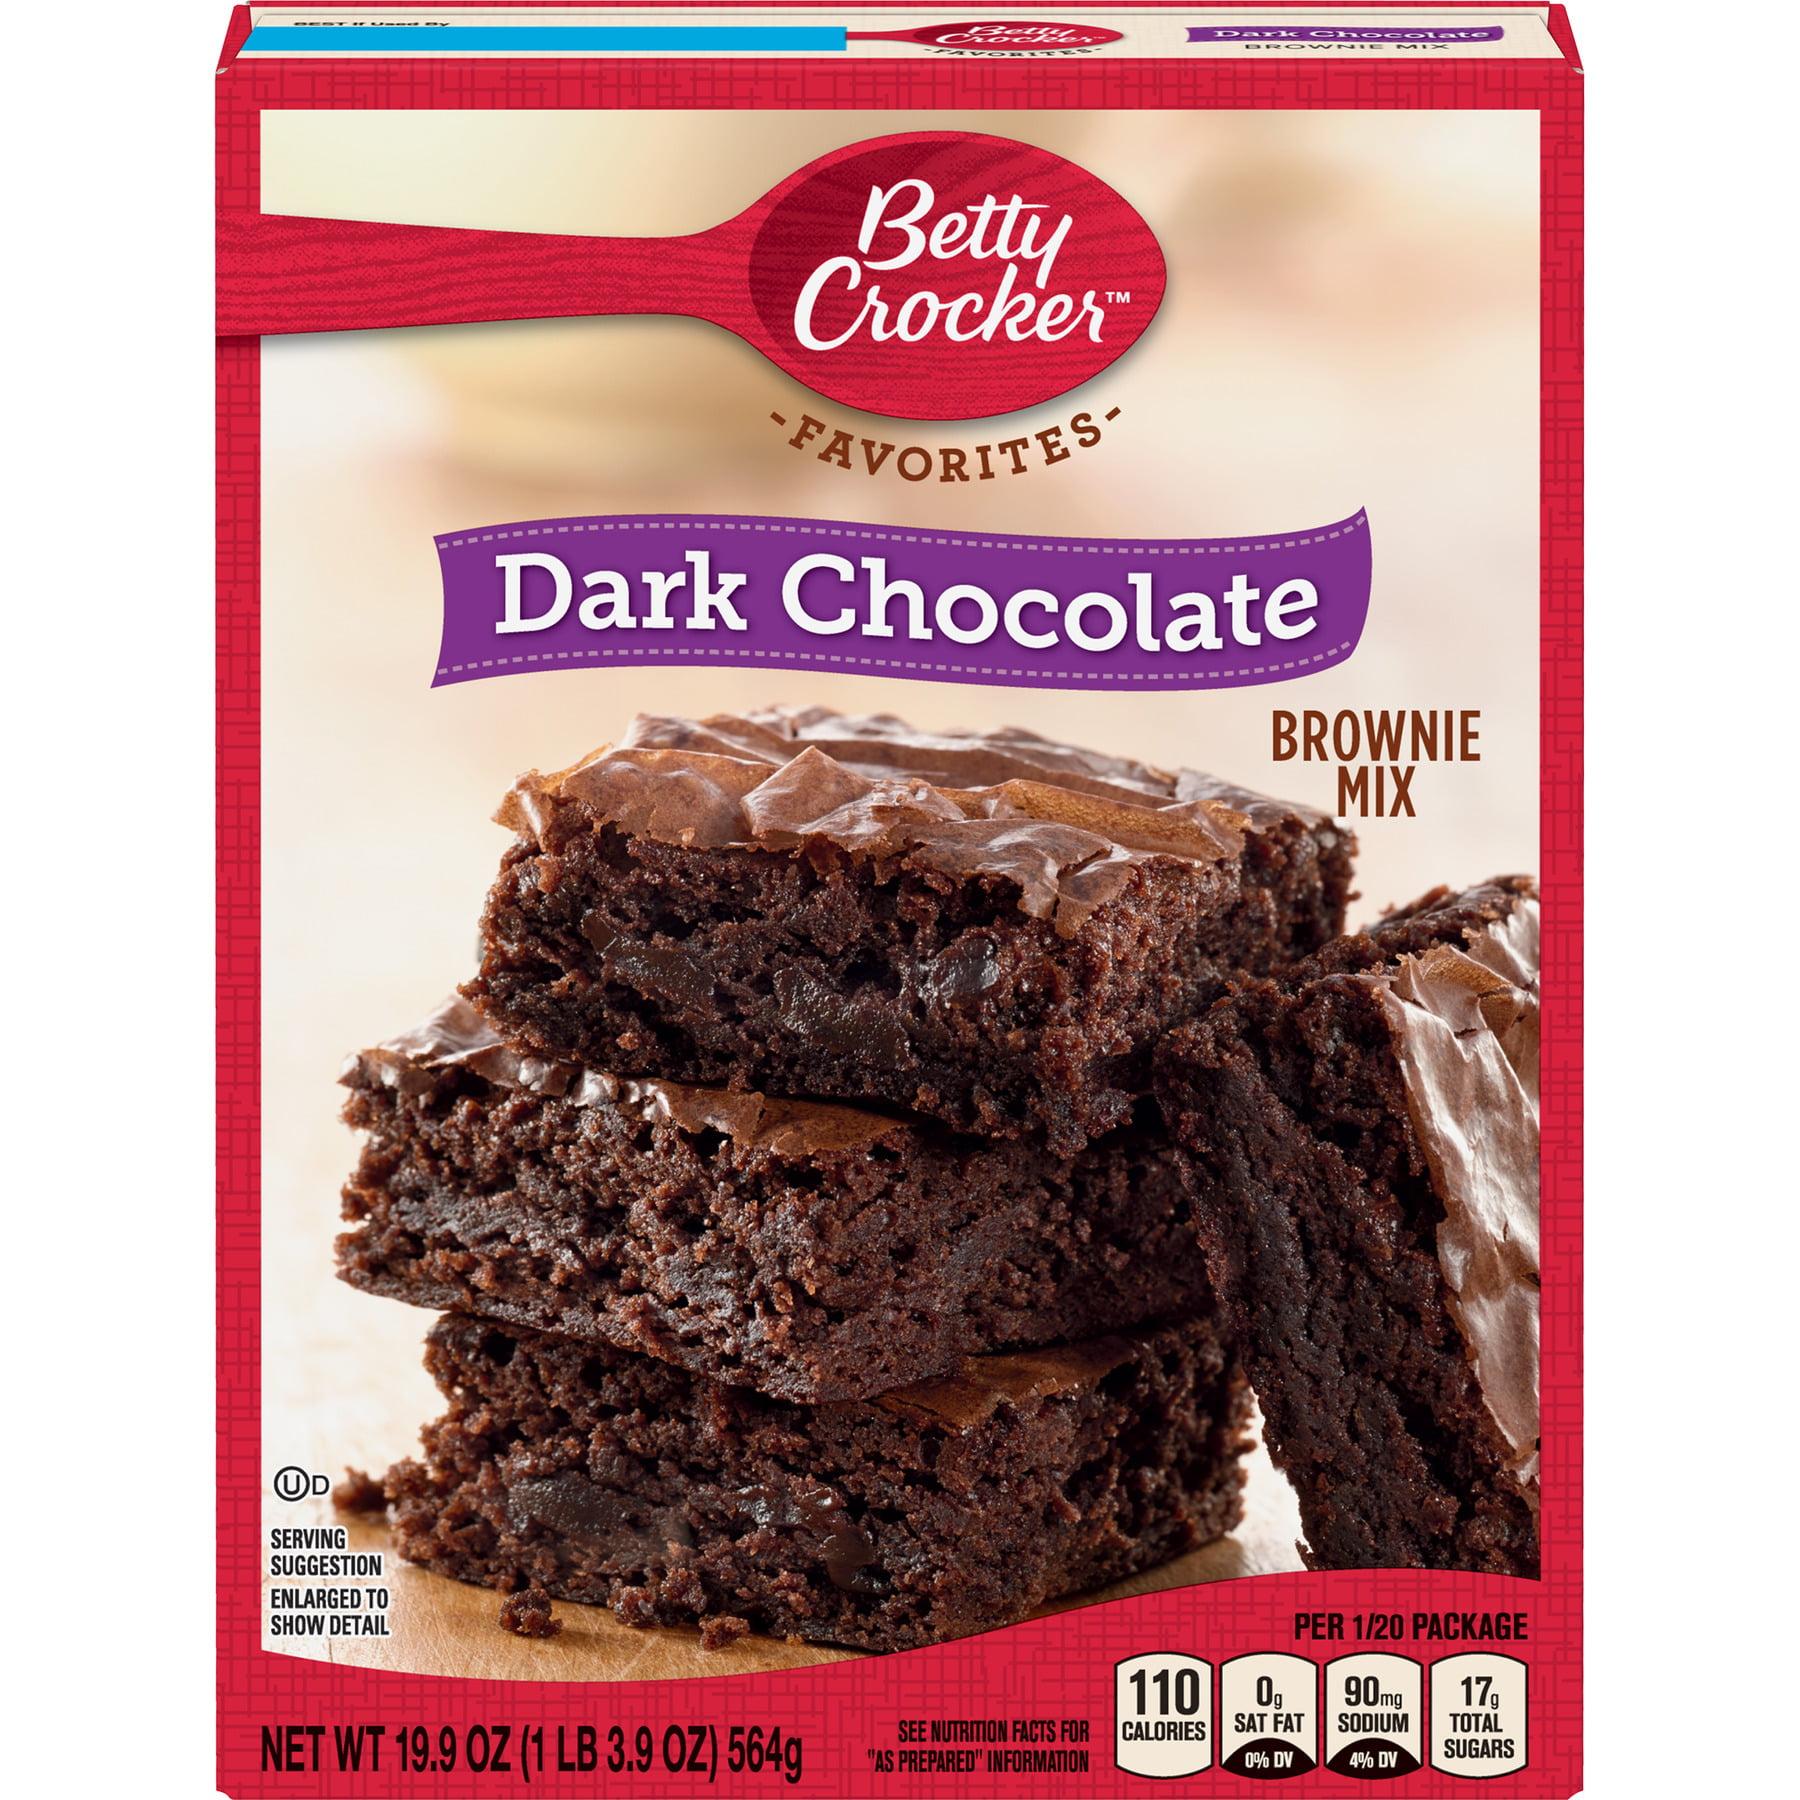 Betty Crocker Dark Chocolate Brownie Mix Family Size, 19.9 oz